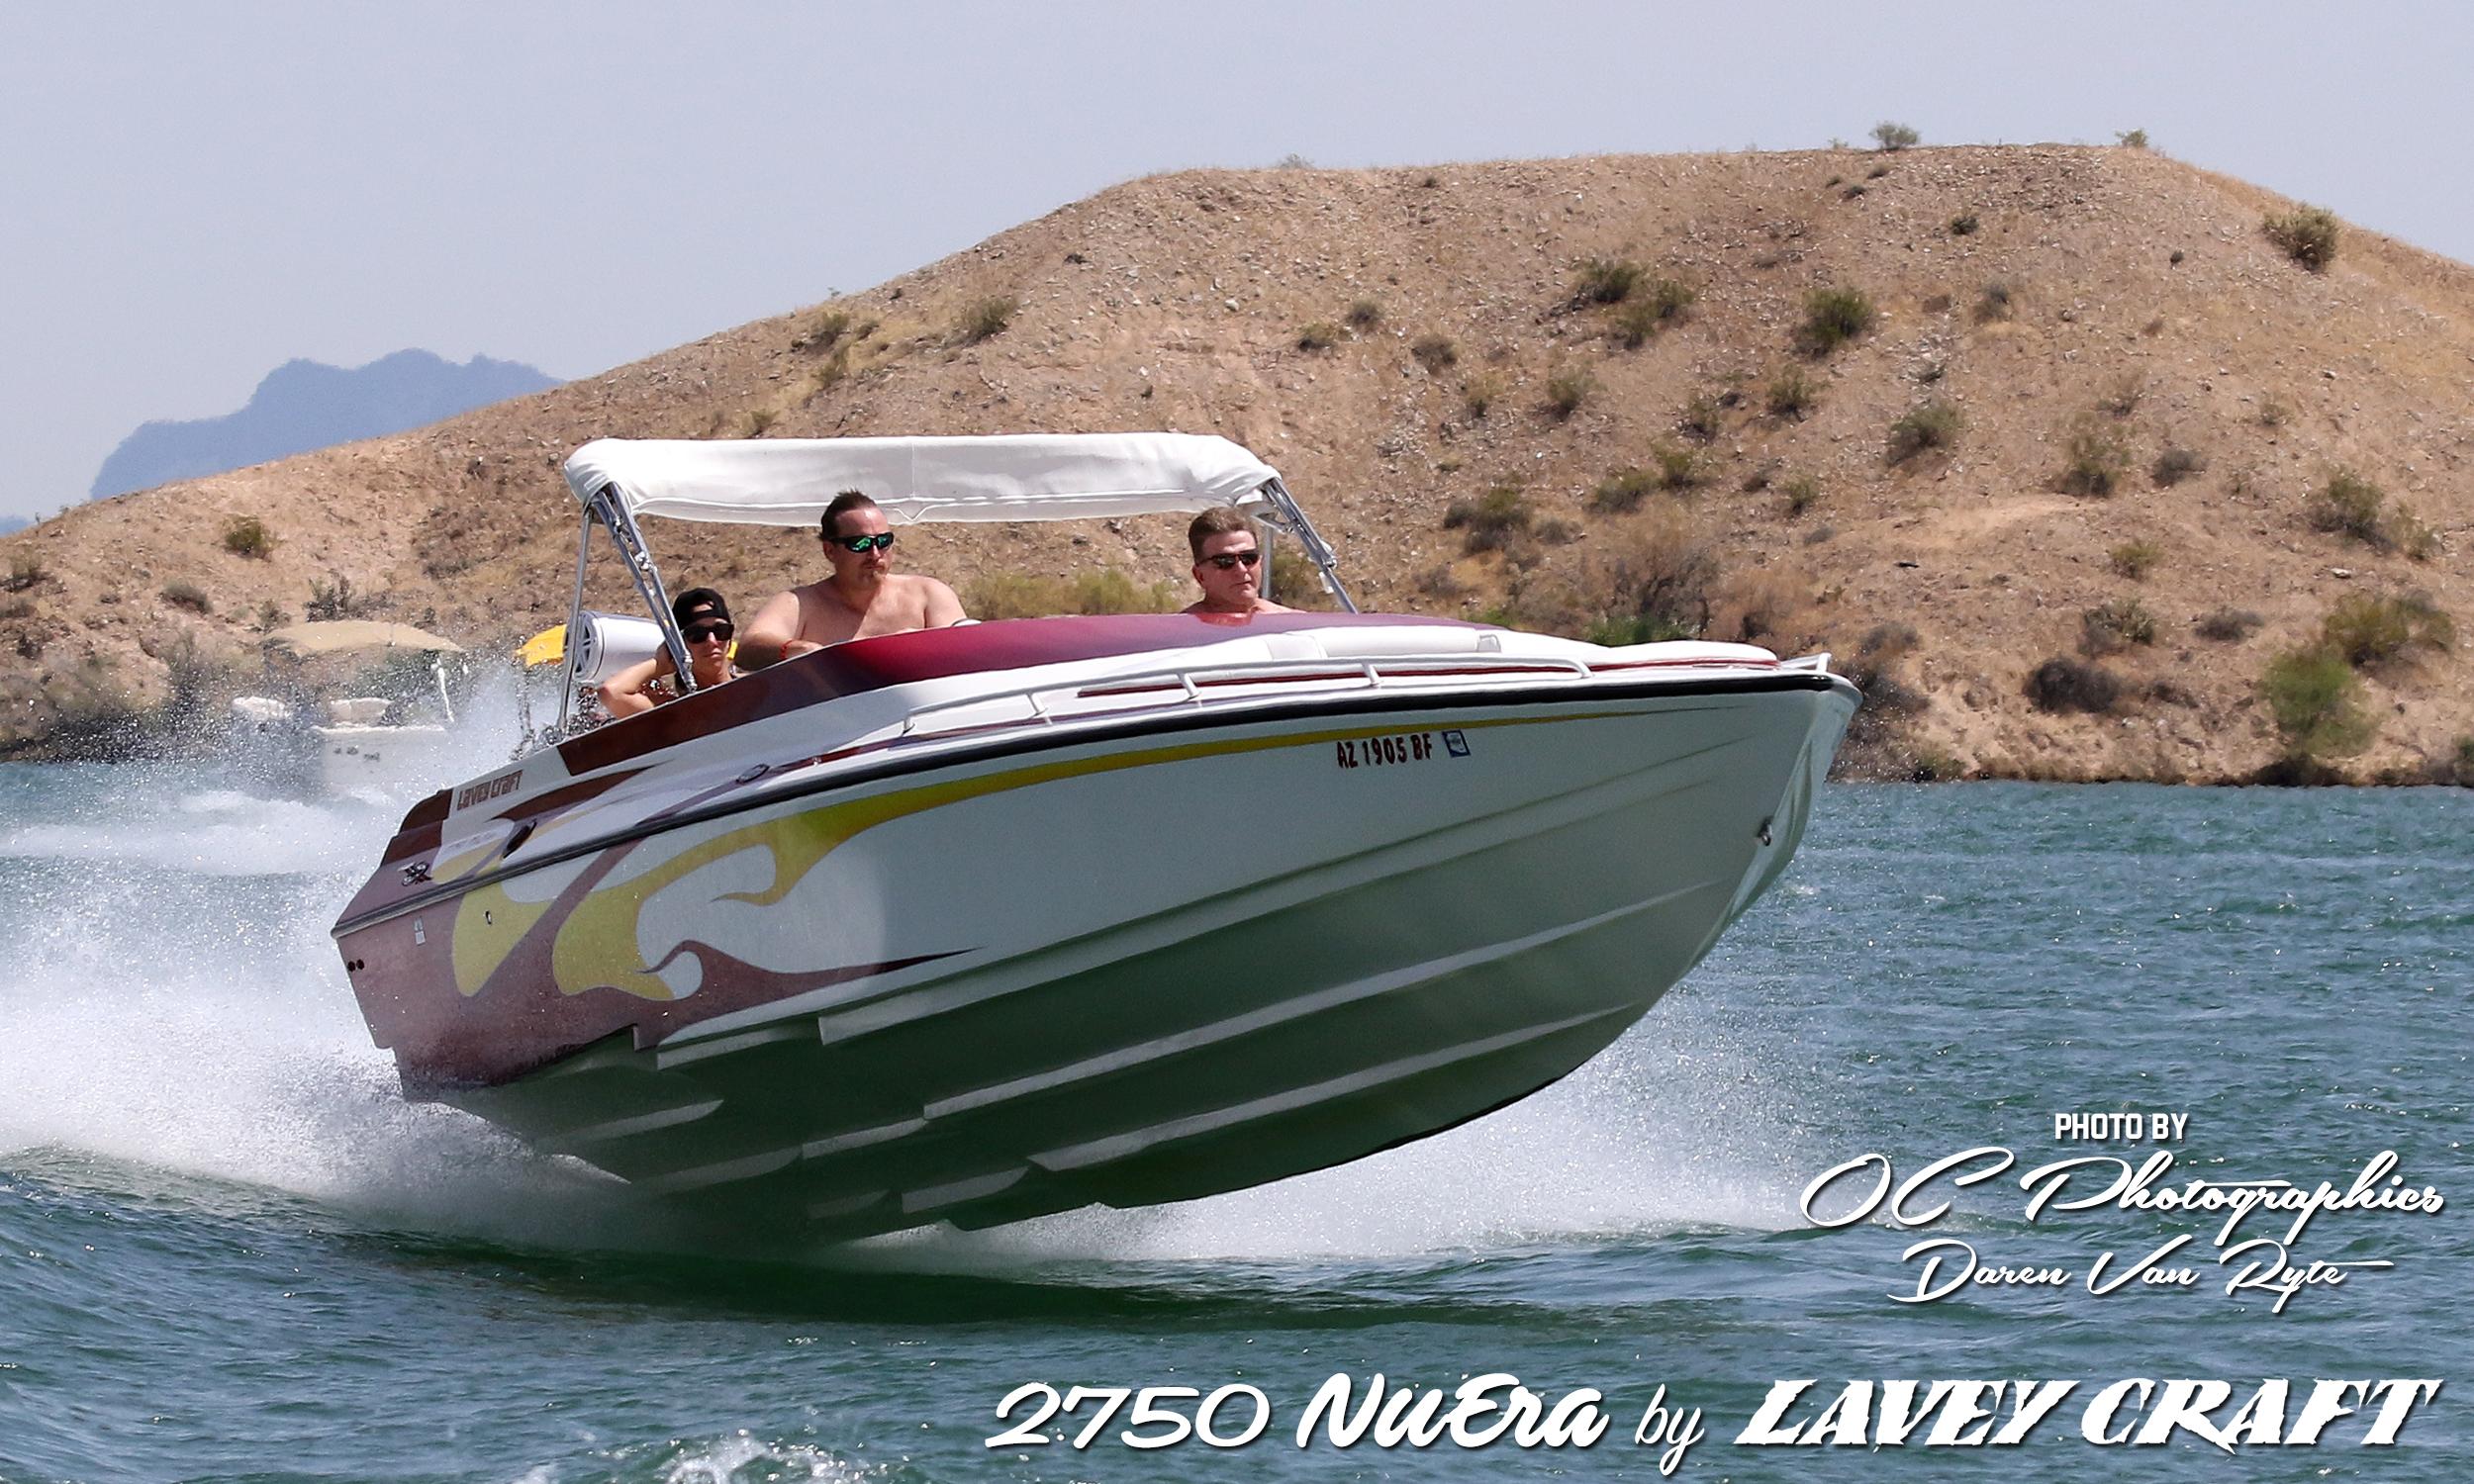 Lavey Craft 2750 NuEra by Daren Van Ryte.jpg